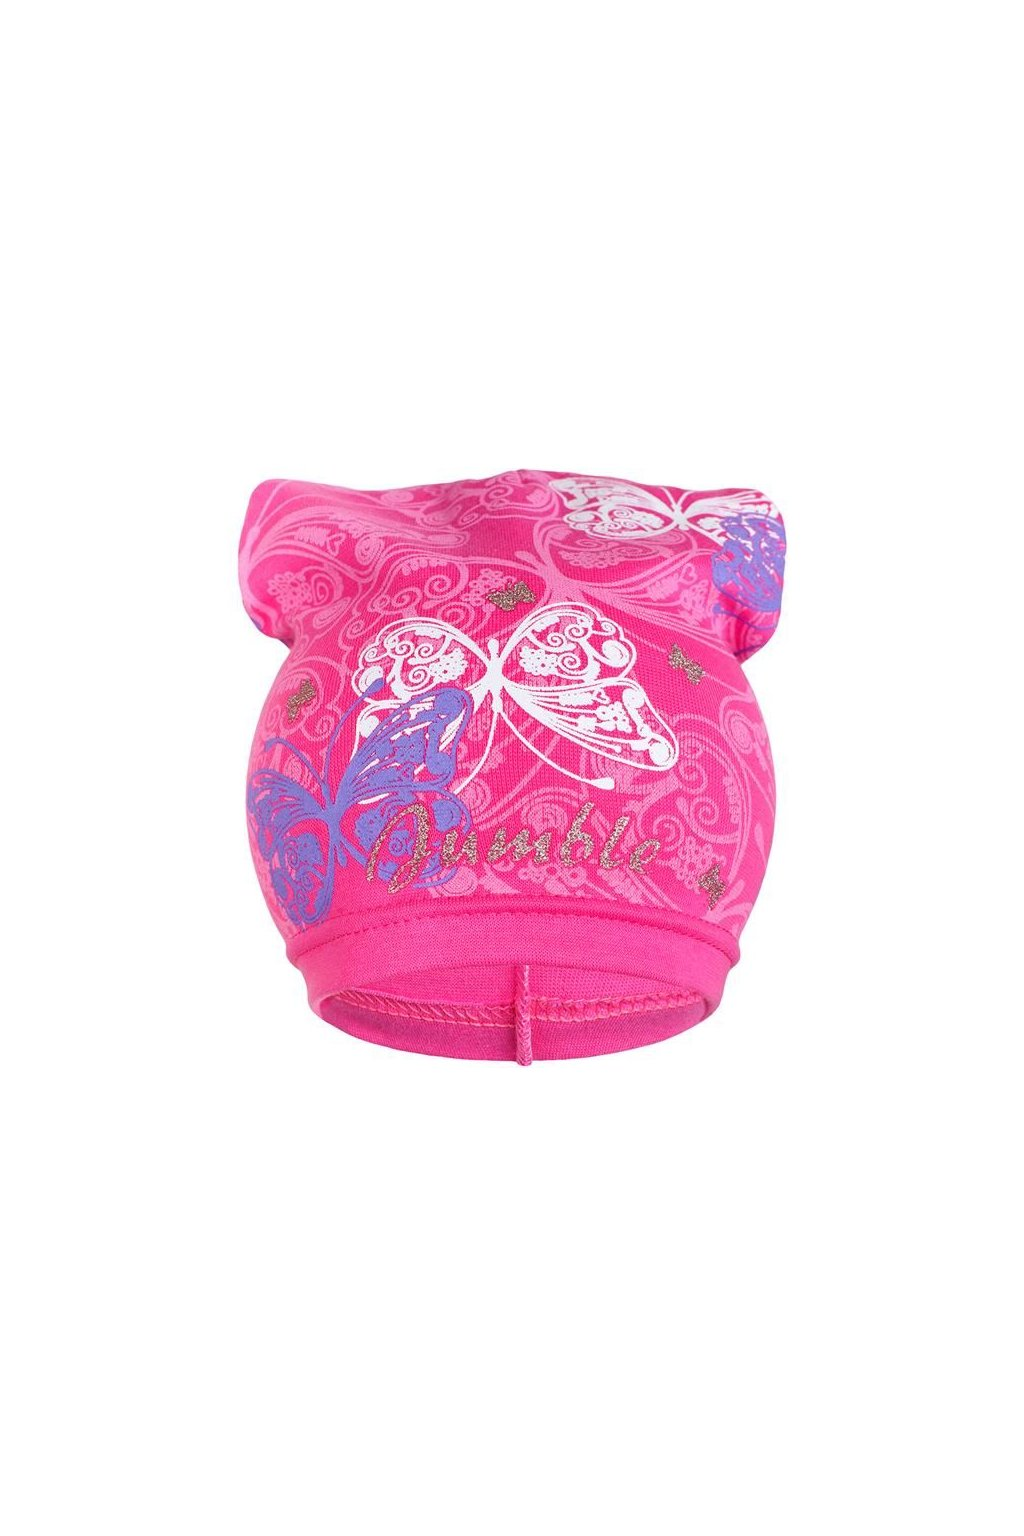 Jarná detská čiapočka New Baby motýlikovia tmavo ružová